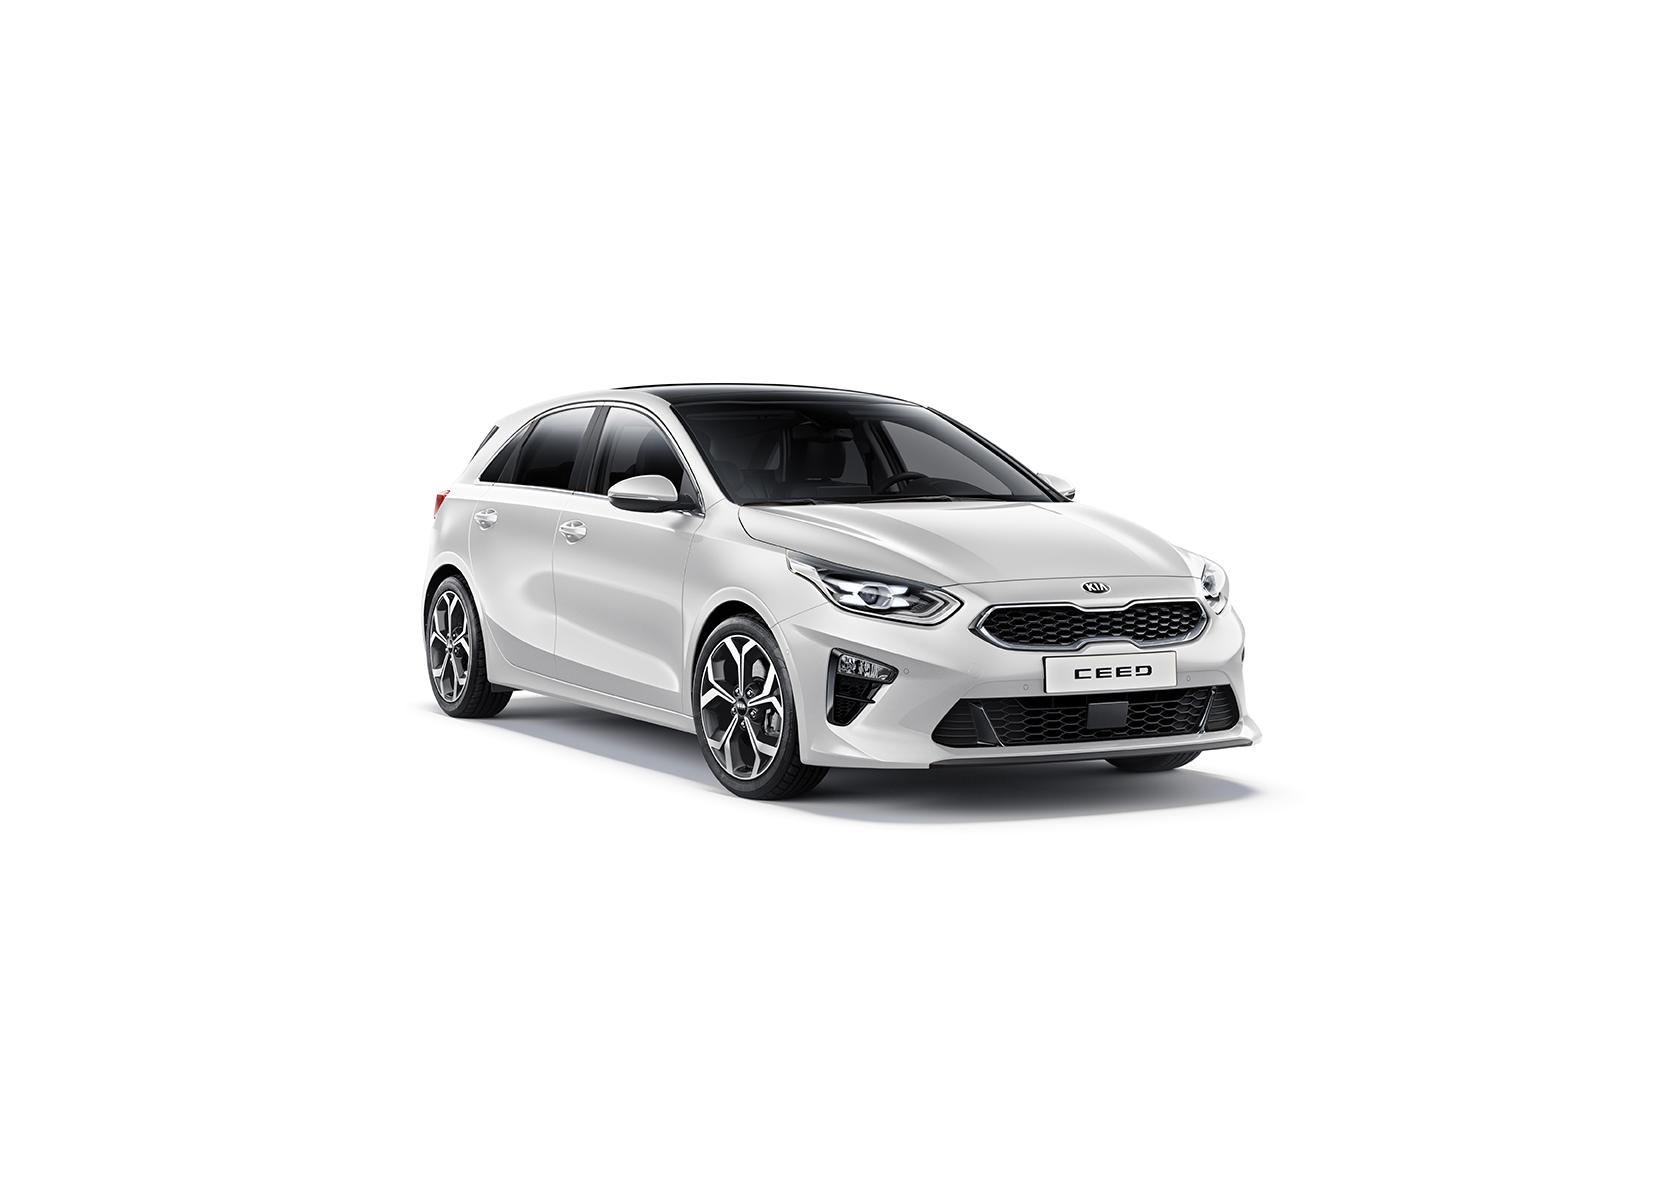 Kia Cee´d 2018 bei Auto Stahl Detail Seitenansicht Frontansicht Weiß